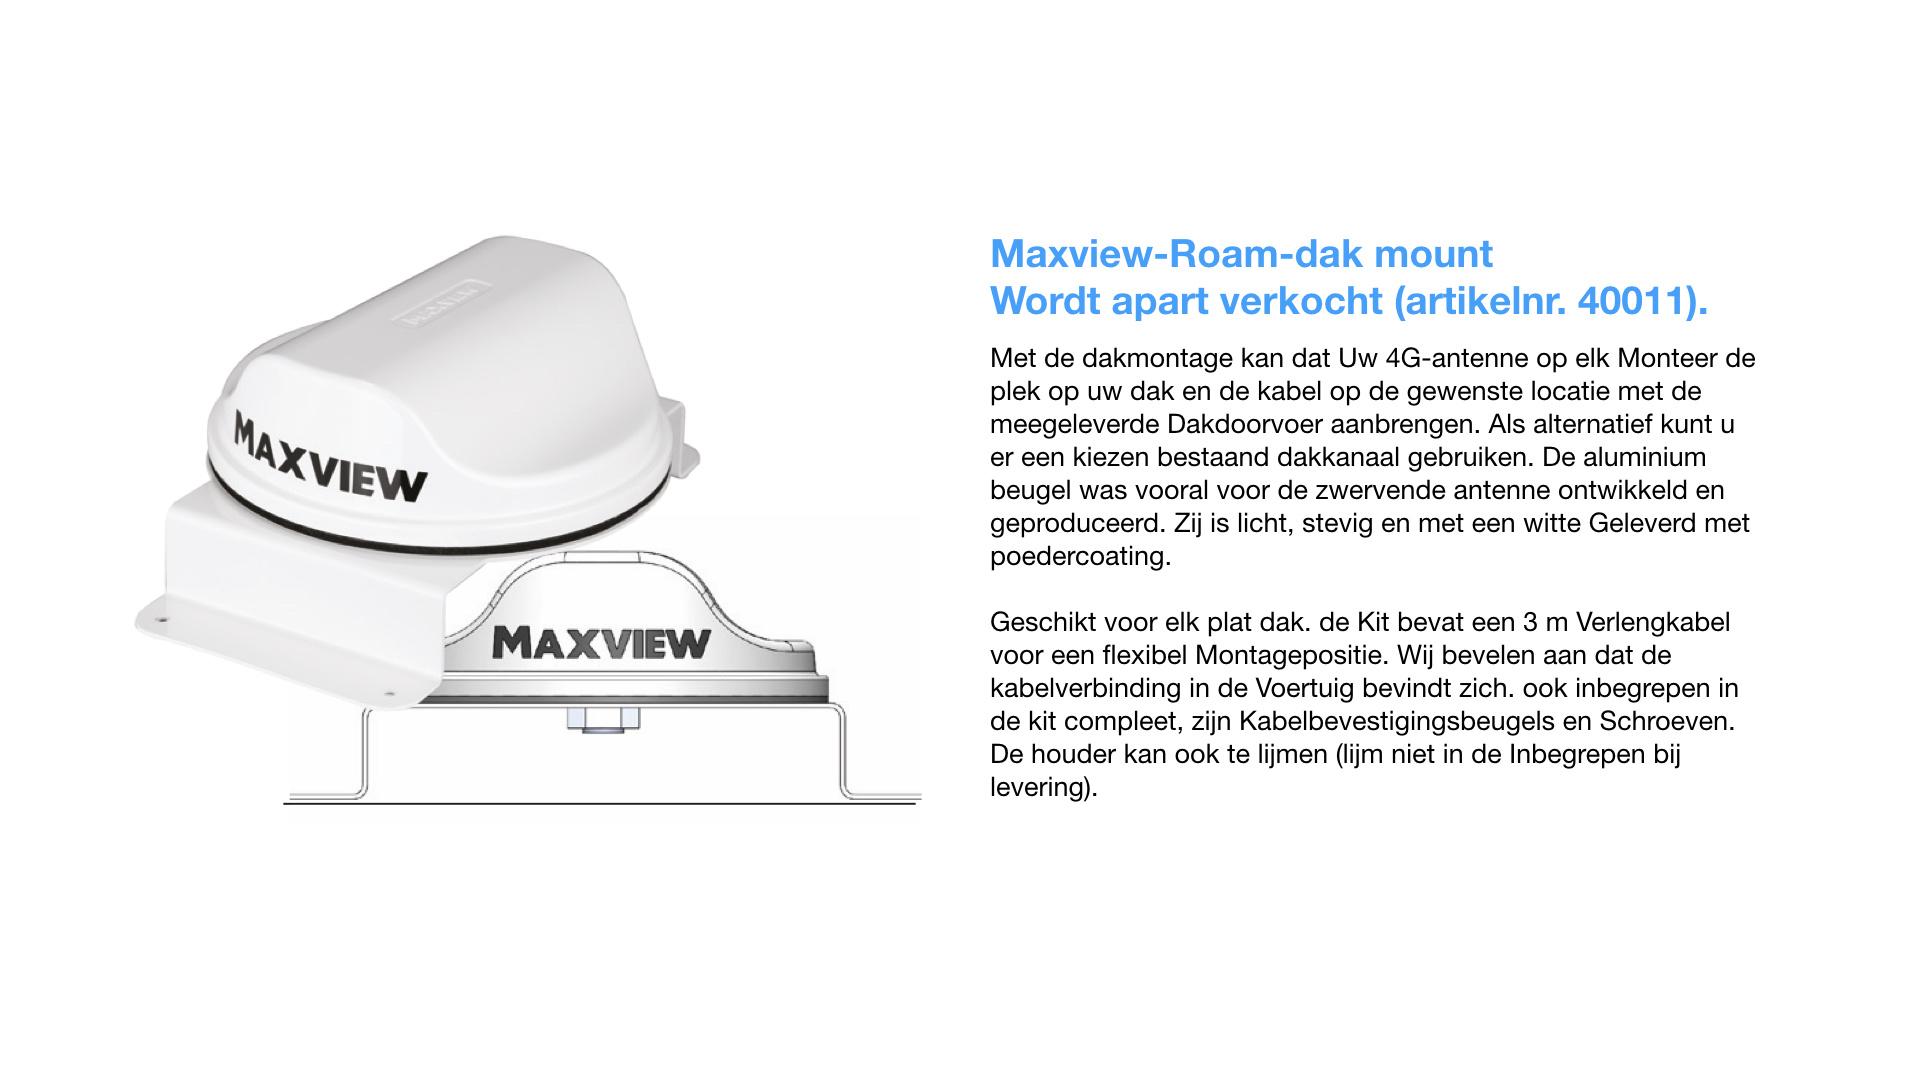 Maxview Roam